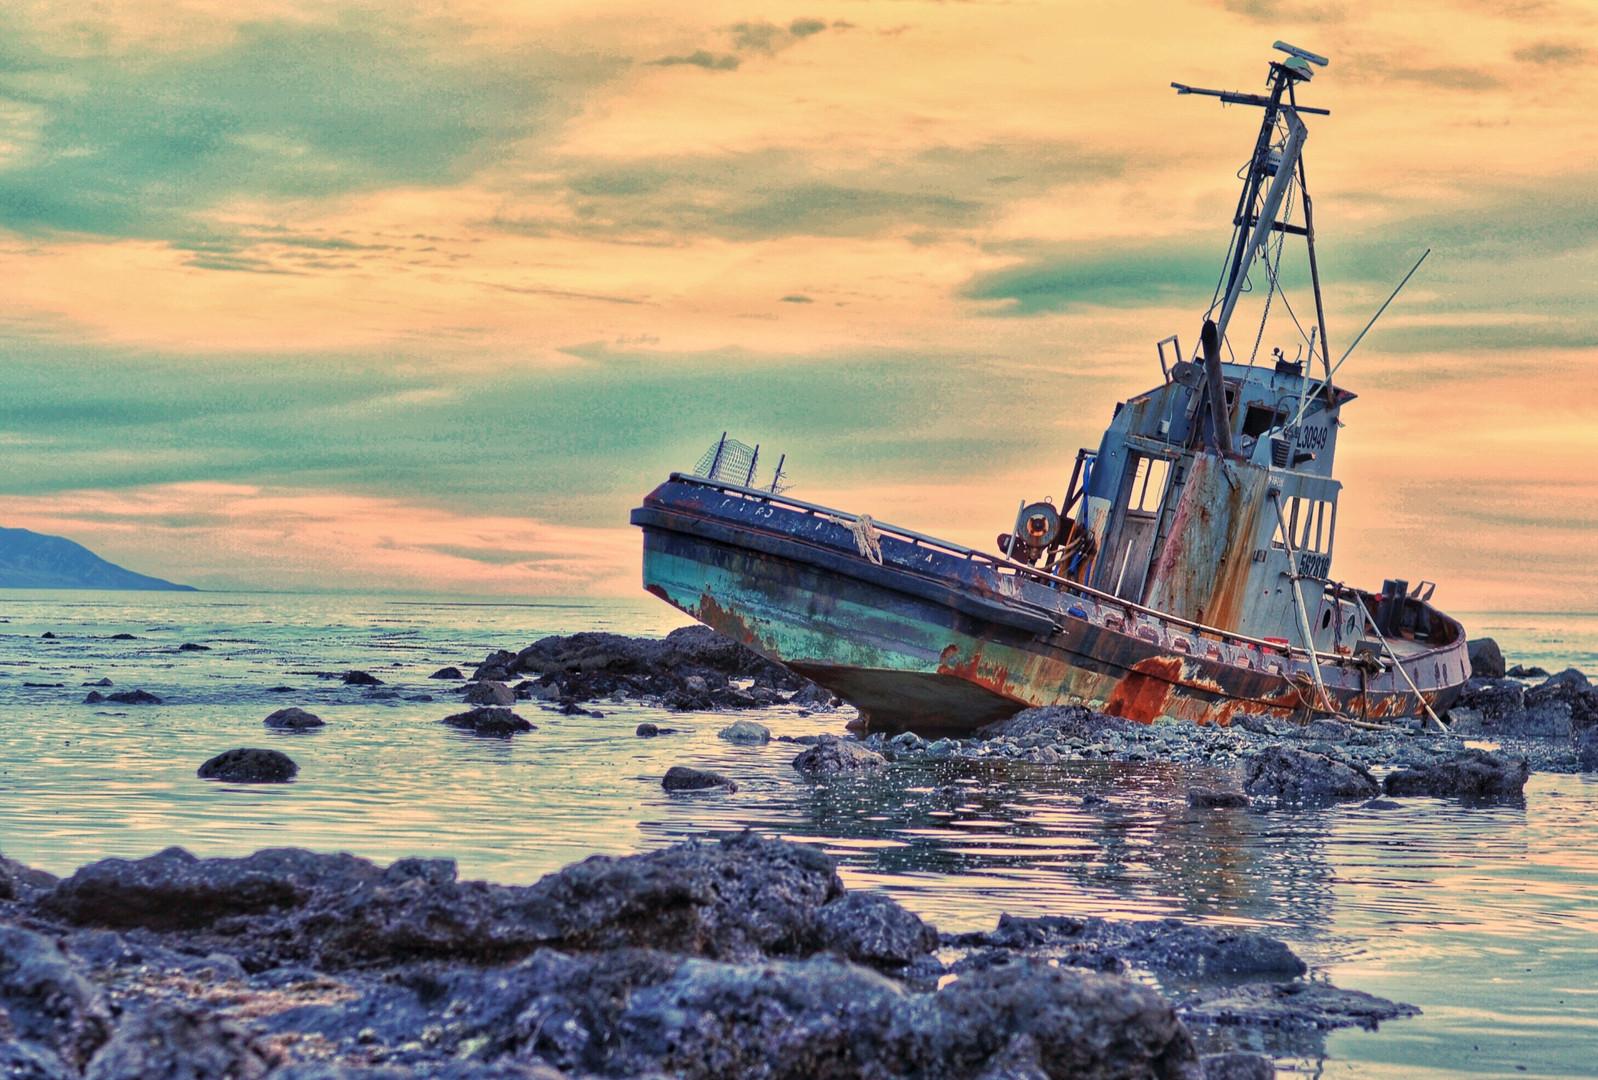 Cambria shipwreck